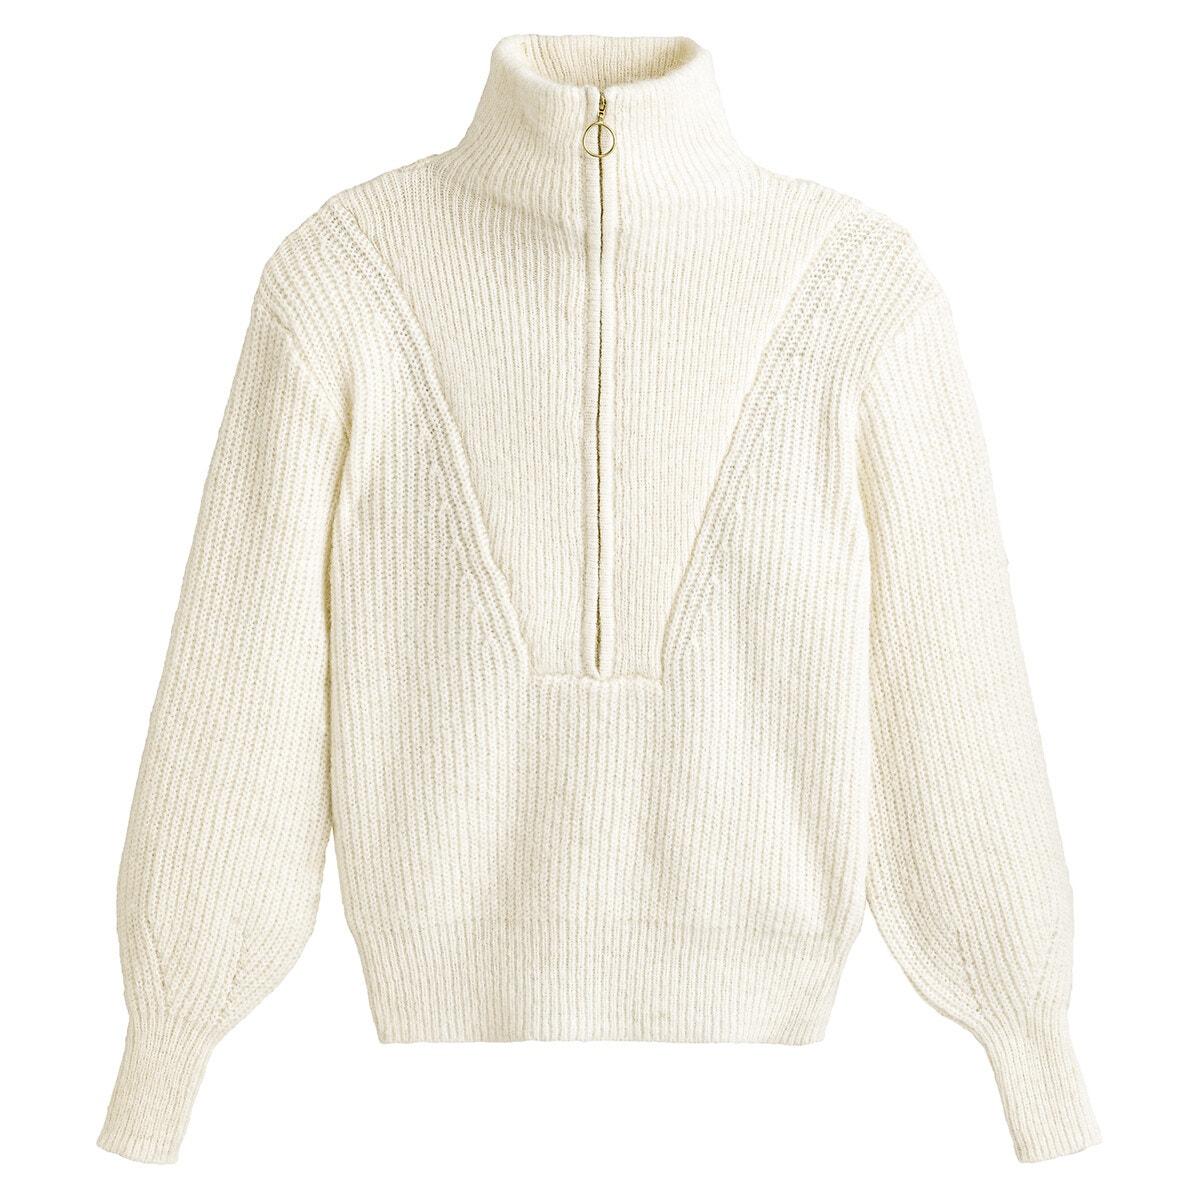 リサイクルアルパカ混ハイネックセーター